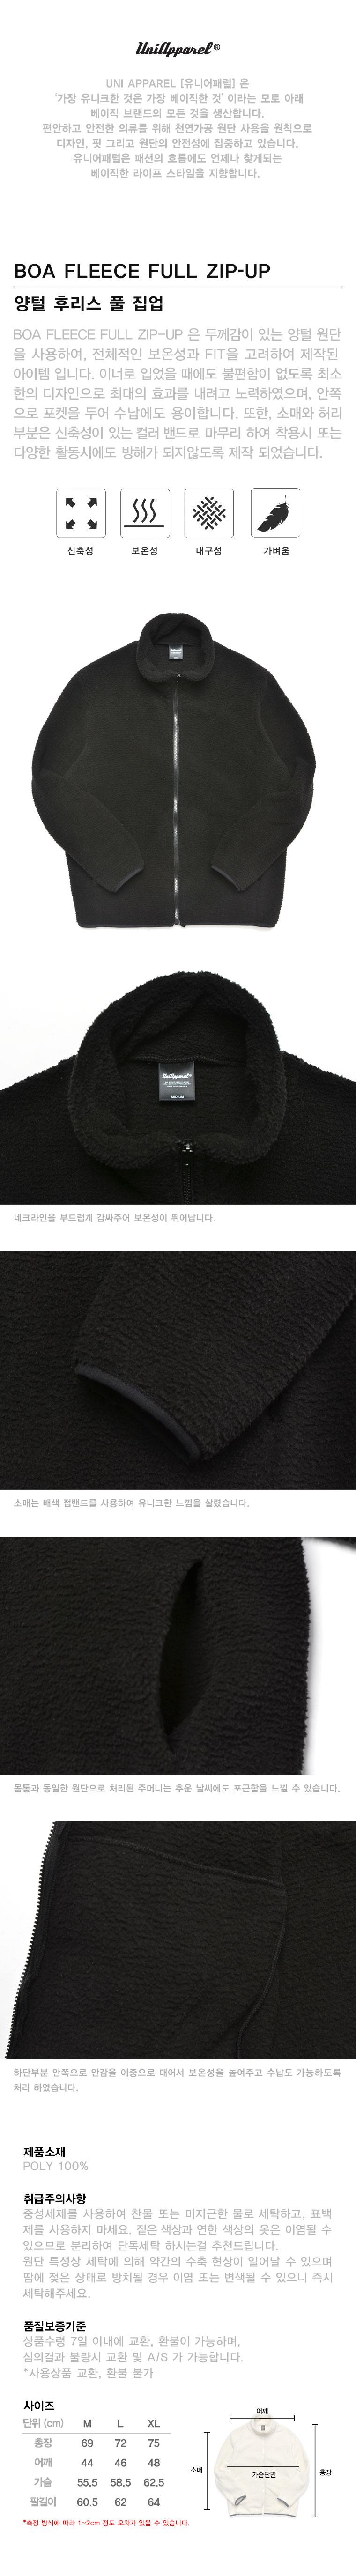 양털-후리스-풀집업-블랙.jpg